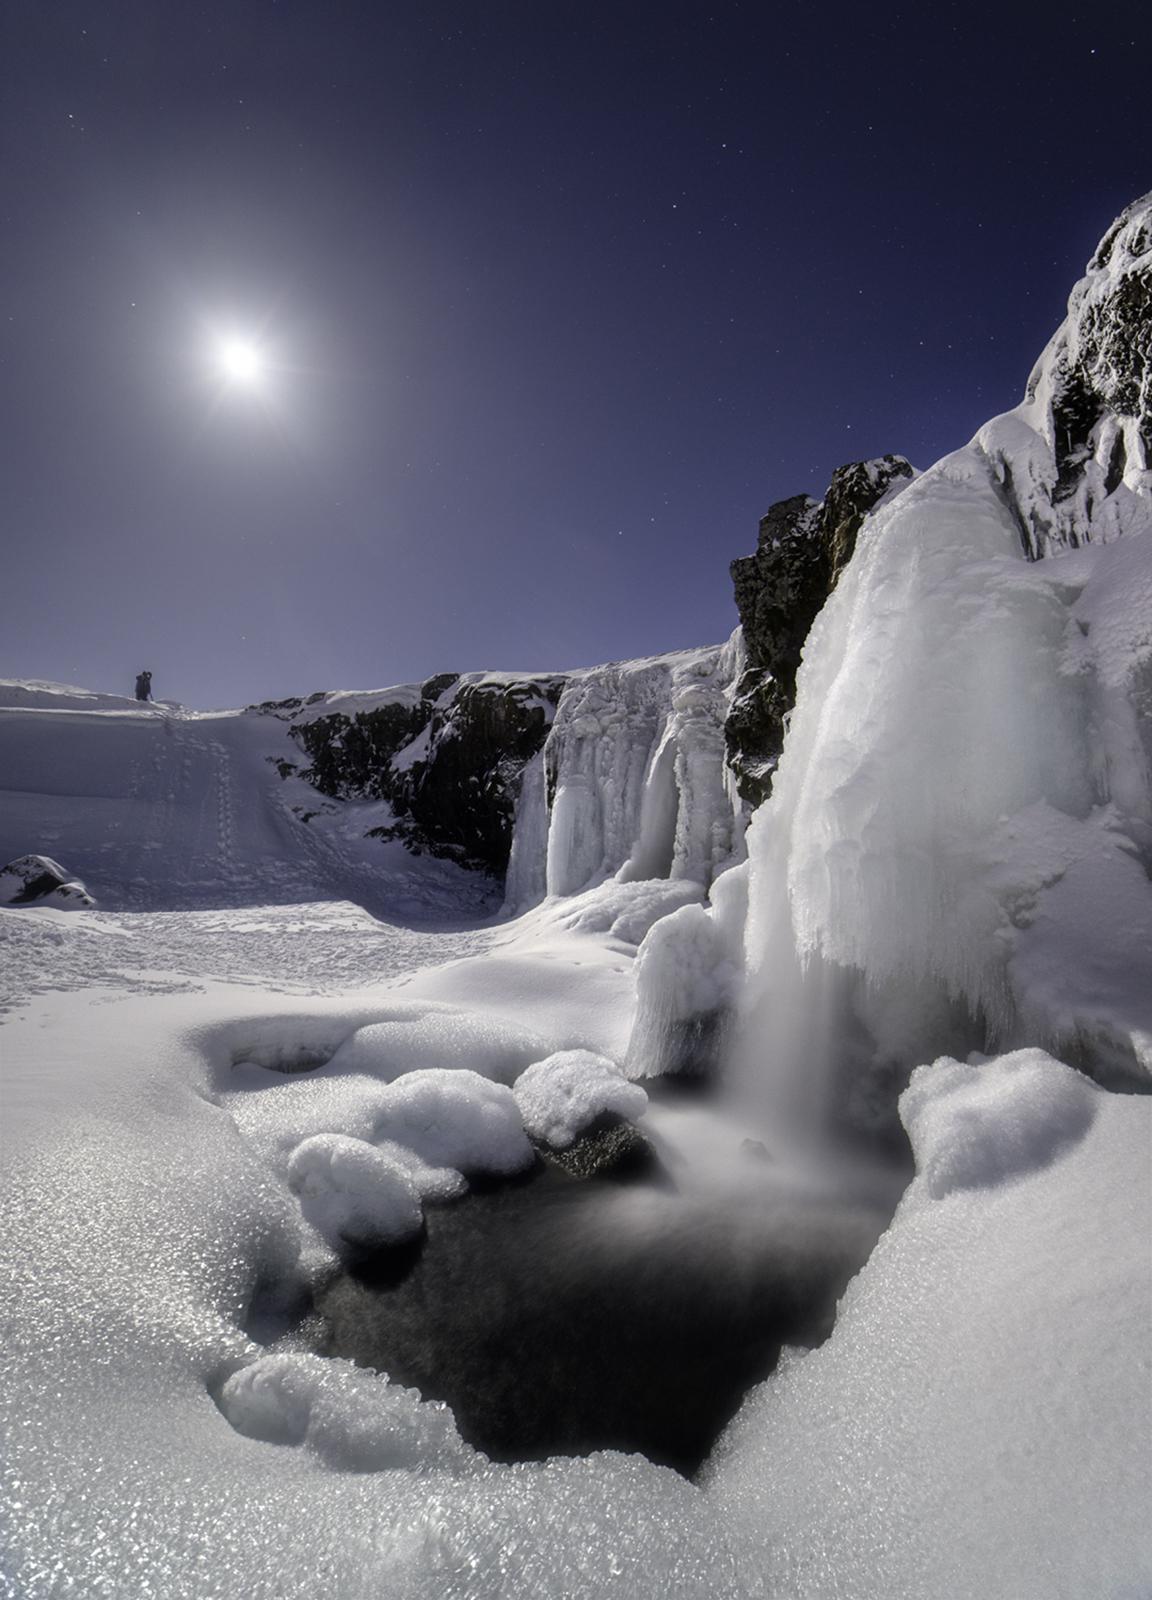 Moonlight Waterfall, Sony A7R, Samyang 14mm f/2.8 at 14mm, ISO 400 at 14mm 10s at f/2.8, tripod. Feburary. © Andrew Yu